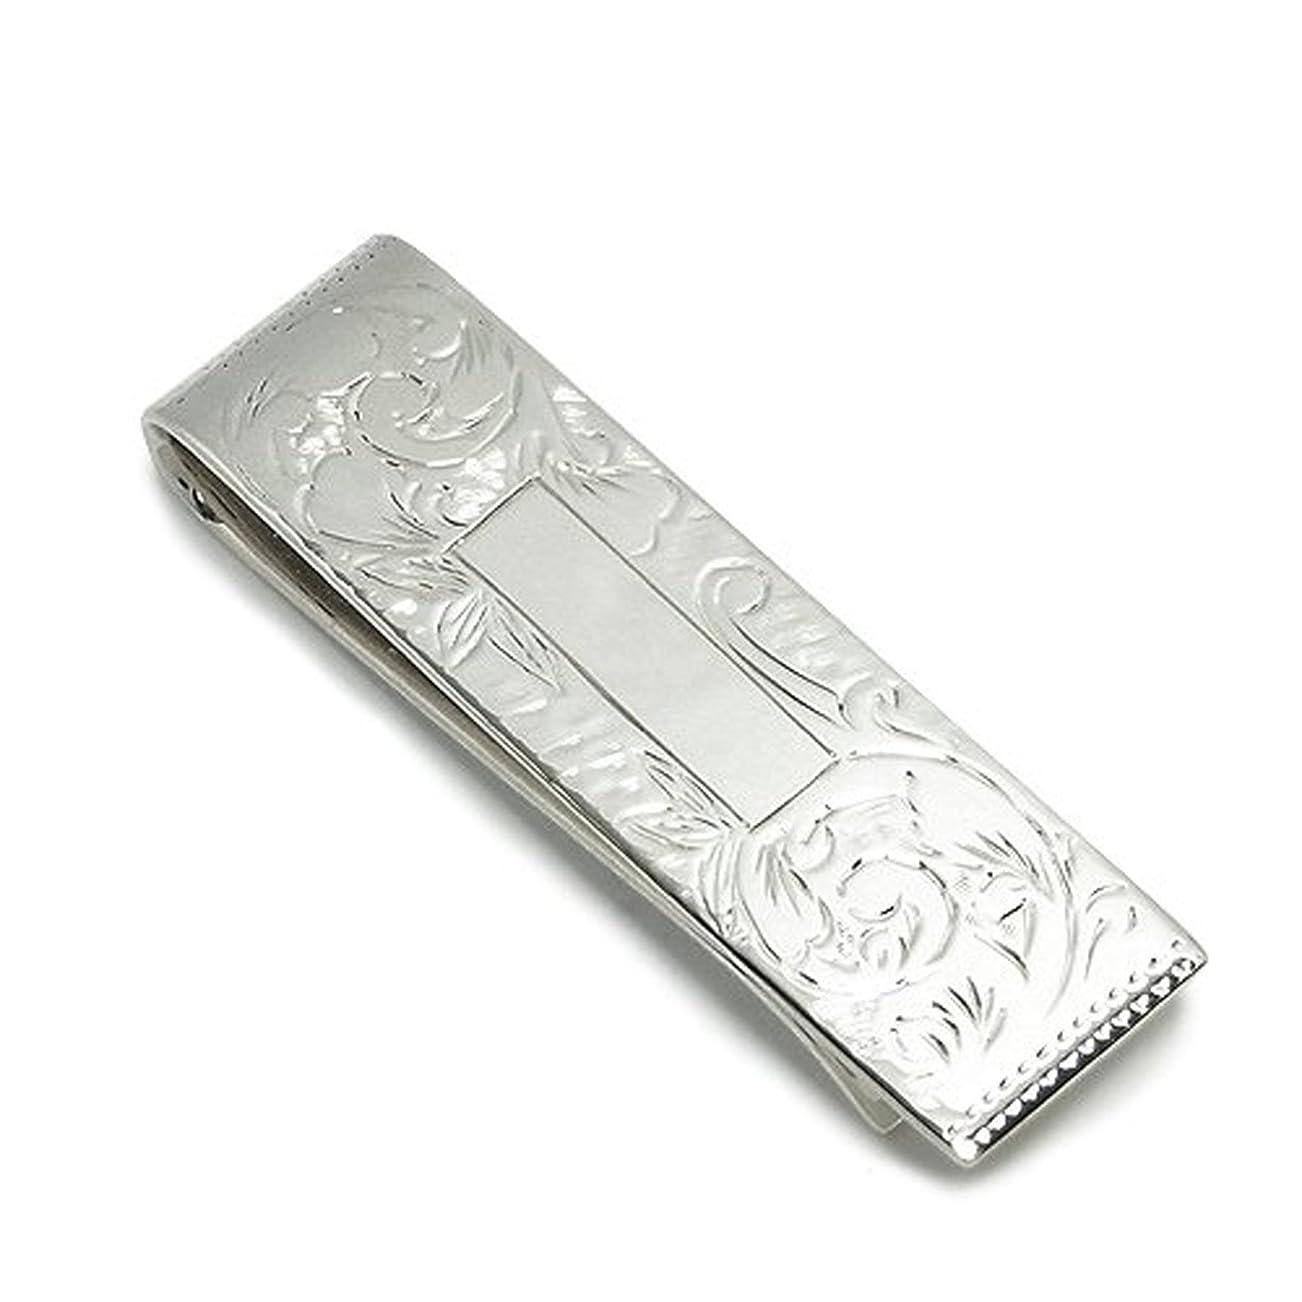 特徴づける害虫受取人新宿銀の蔵 シルバー925製 草花模様マネークリップ 紙幣クリップ 紳士用